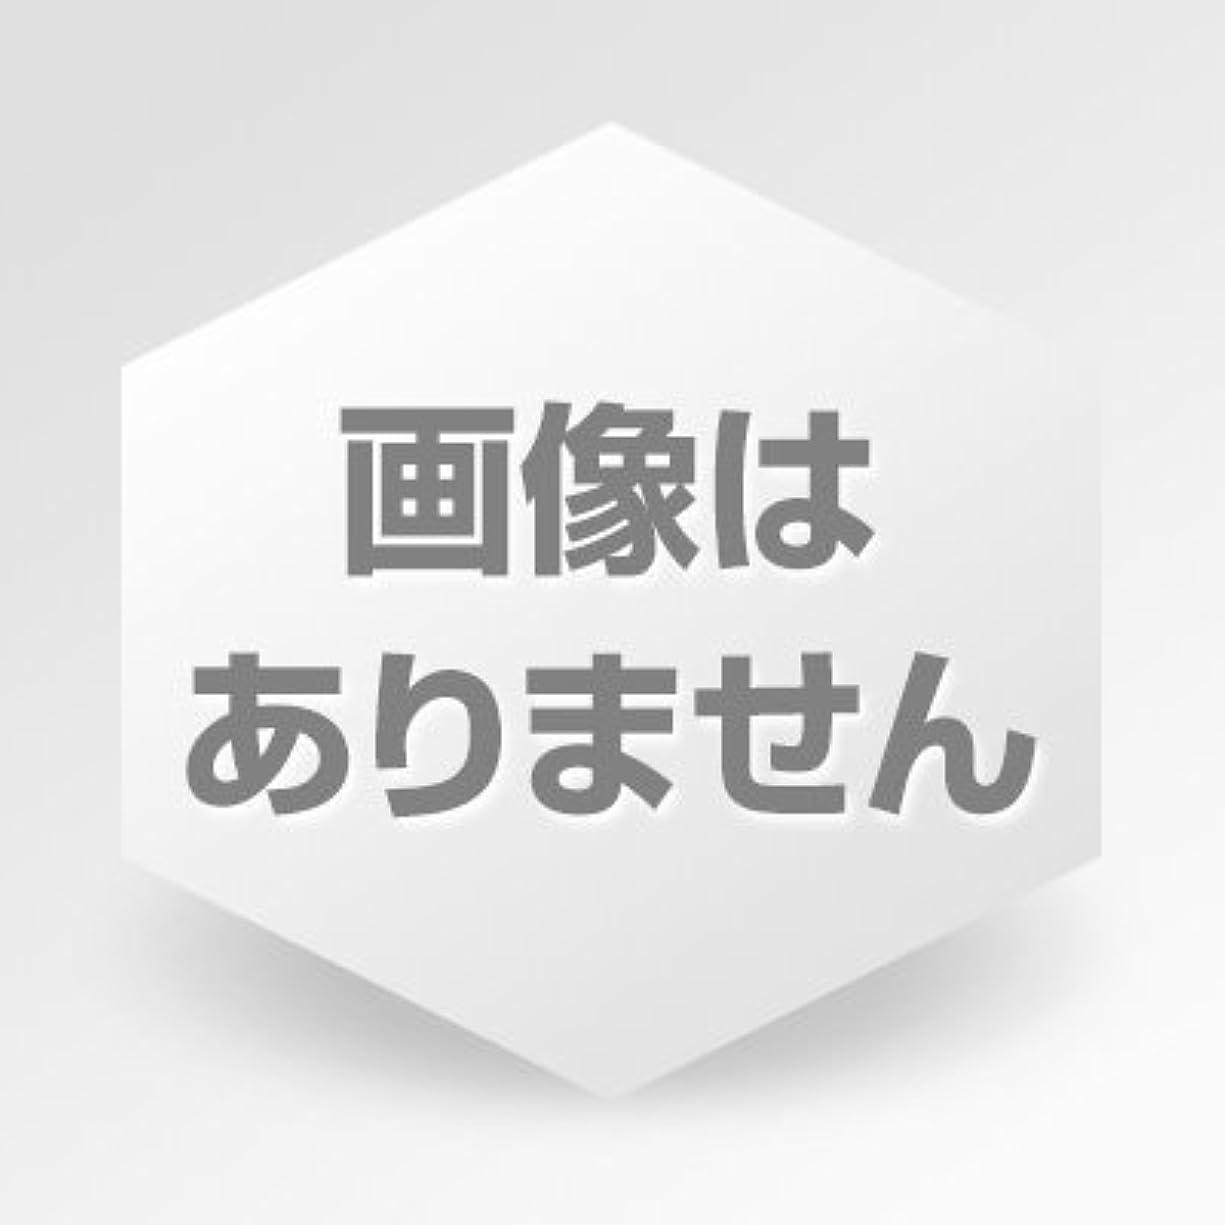 算術スタウトピカリング阪本高生堂 ファイン 炭トリートメント 100g